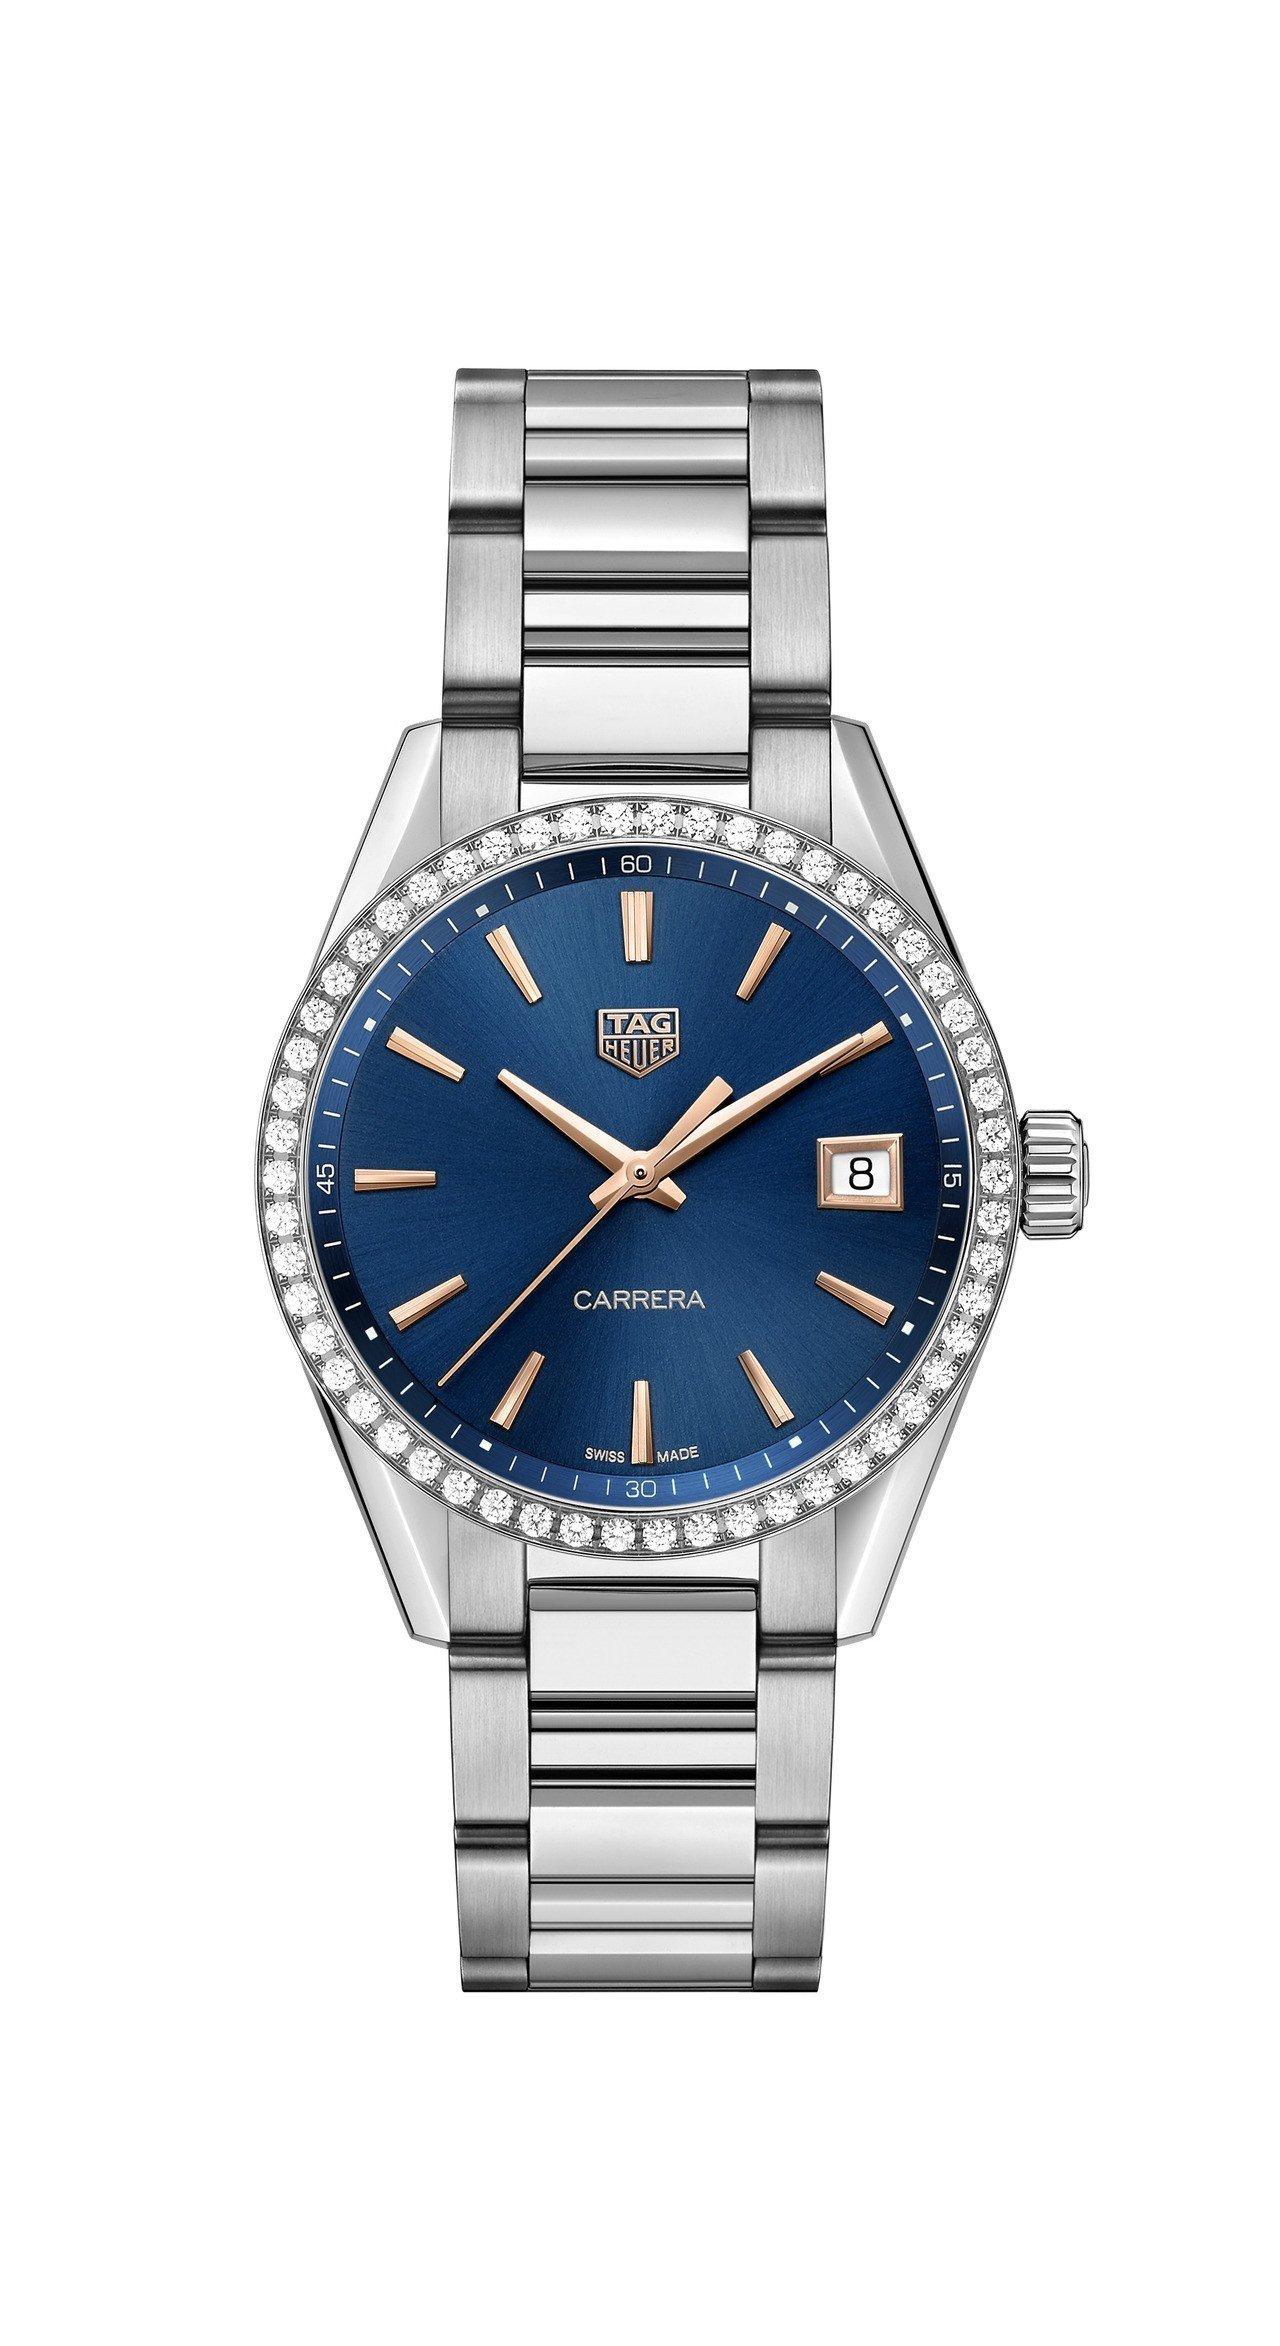 泰格豪雅Carrera Lady腕表,不鏽鋼表殼、鑲鑽表圈,搭載石英機芯,約13...